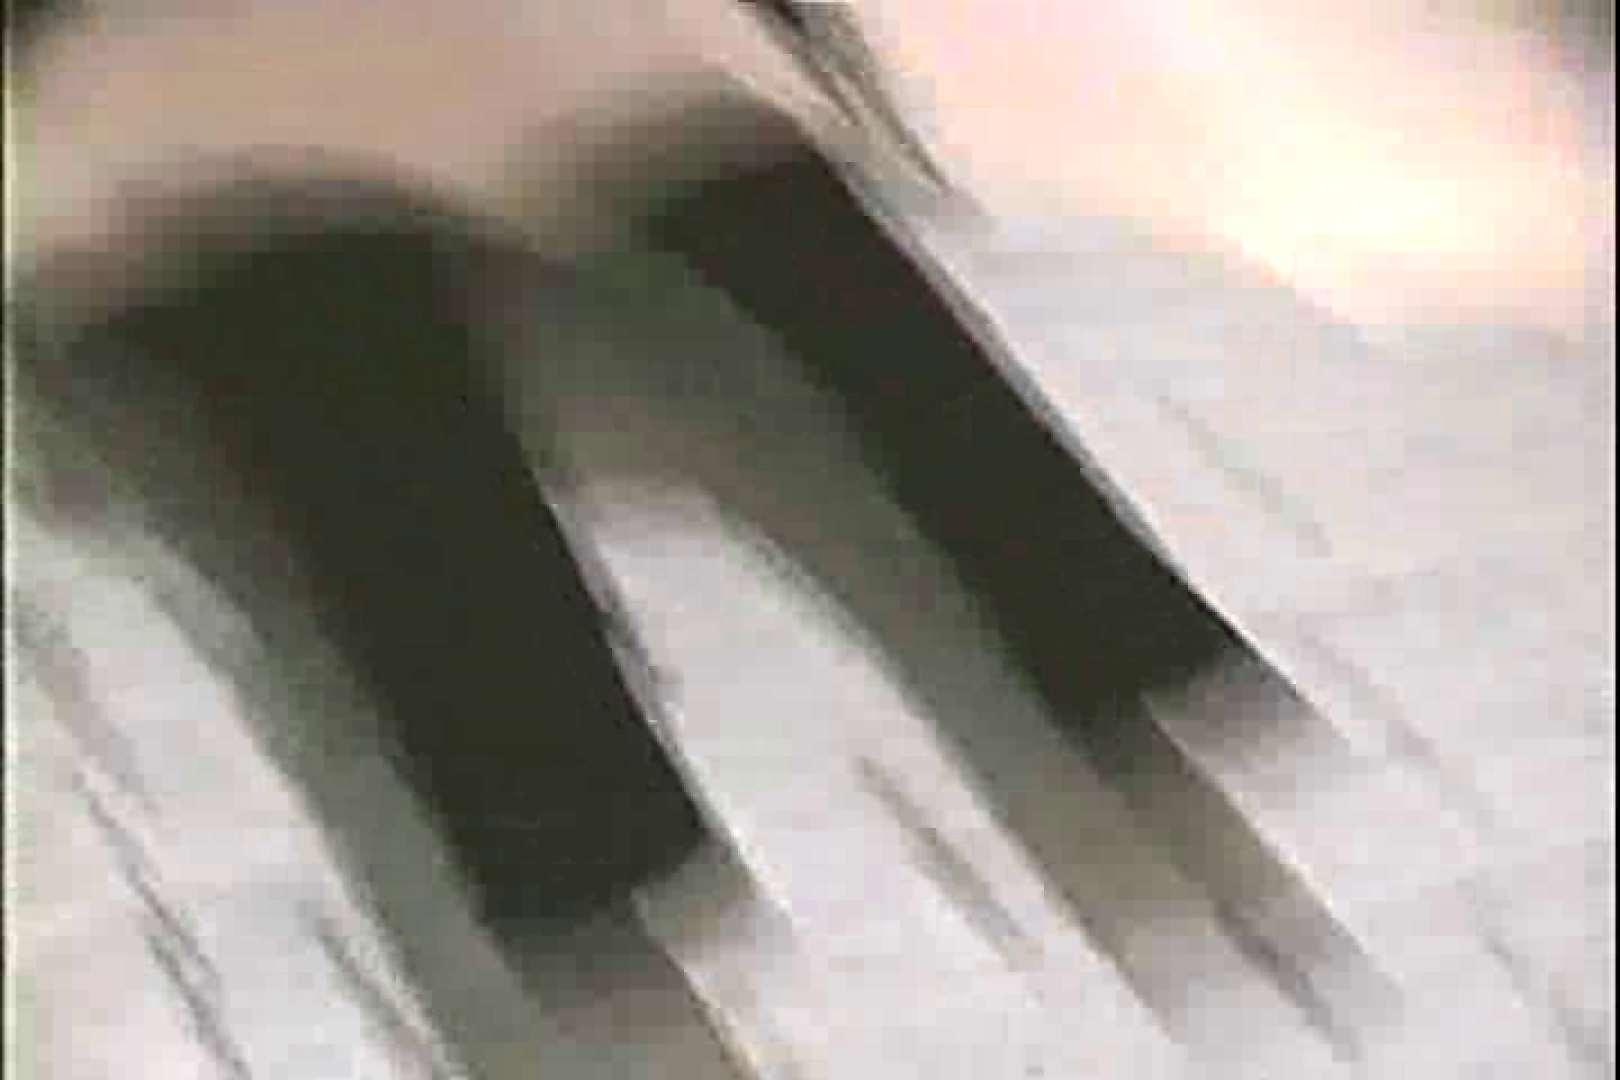 「ちくりん」さんのオリジナル未編集パンチラVol.5_02 パンチラ | 美女OL  57連発 55